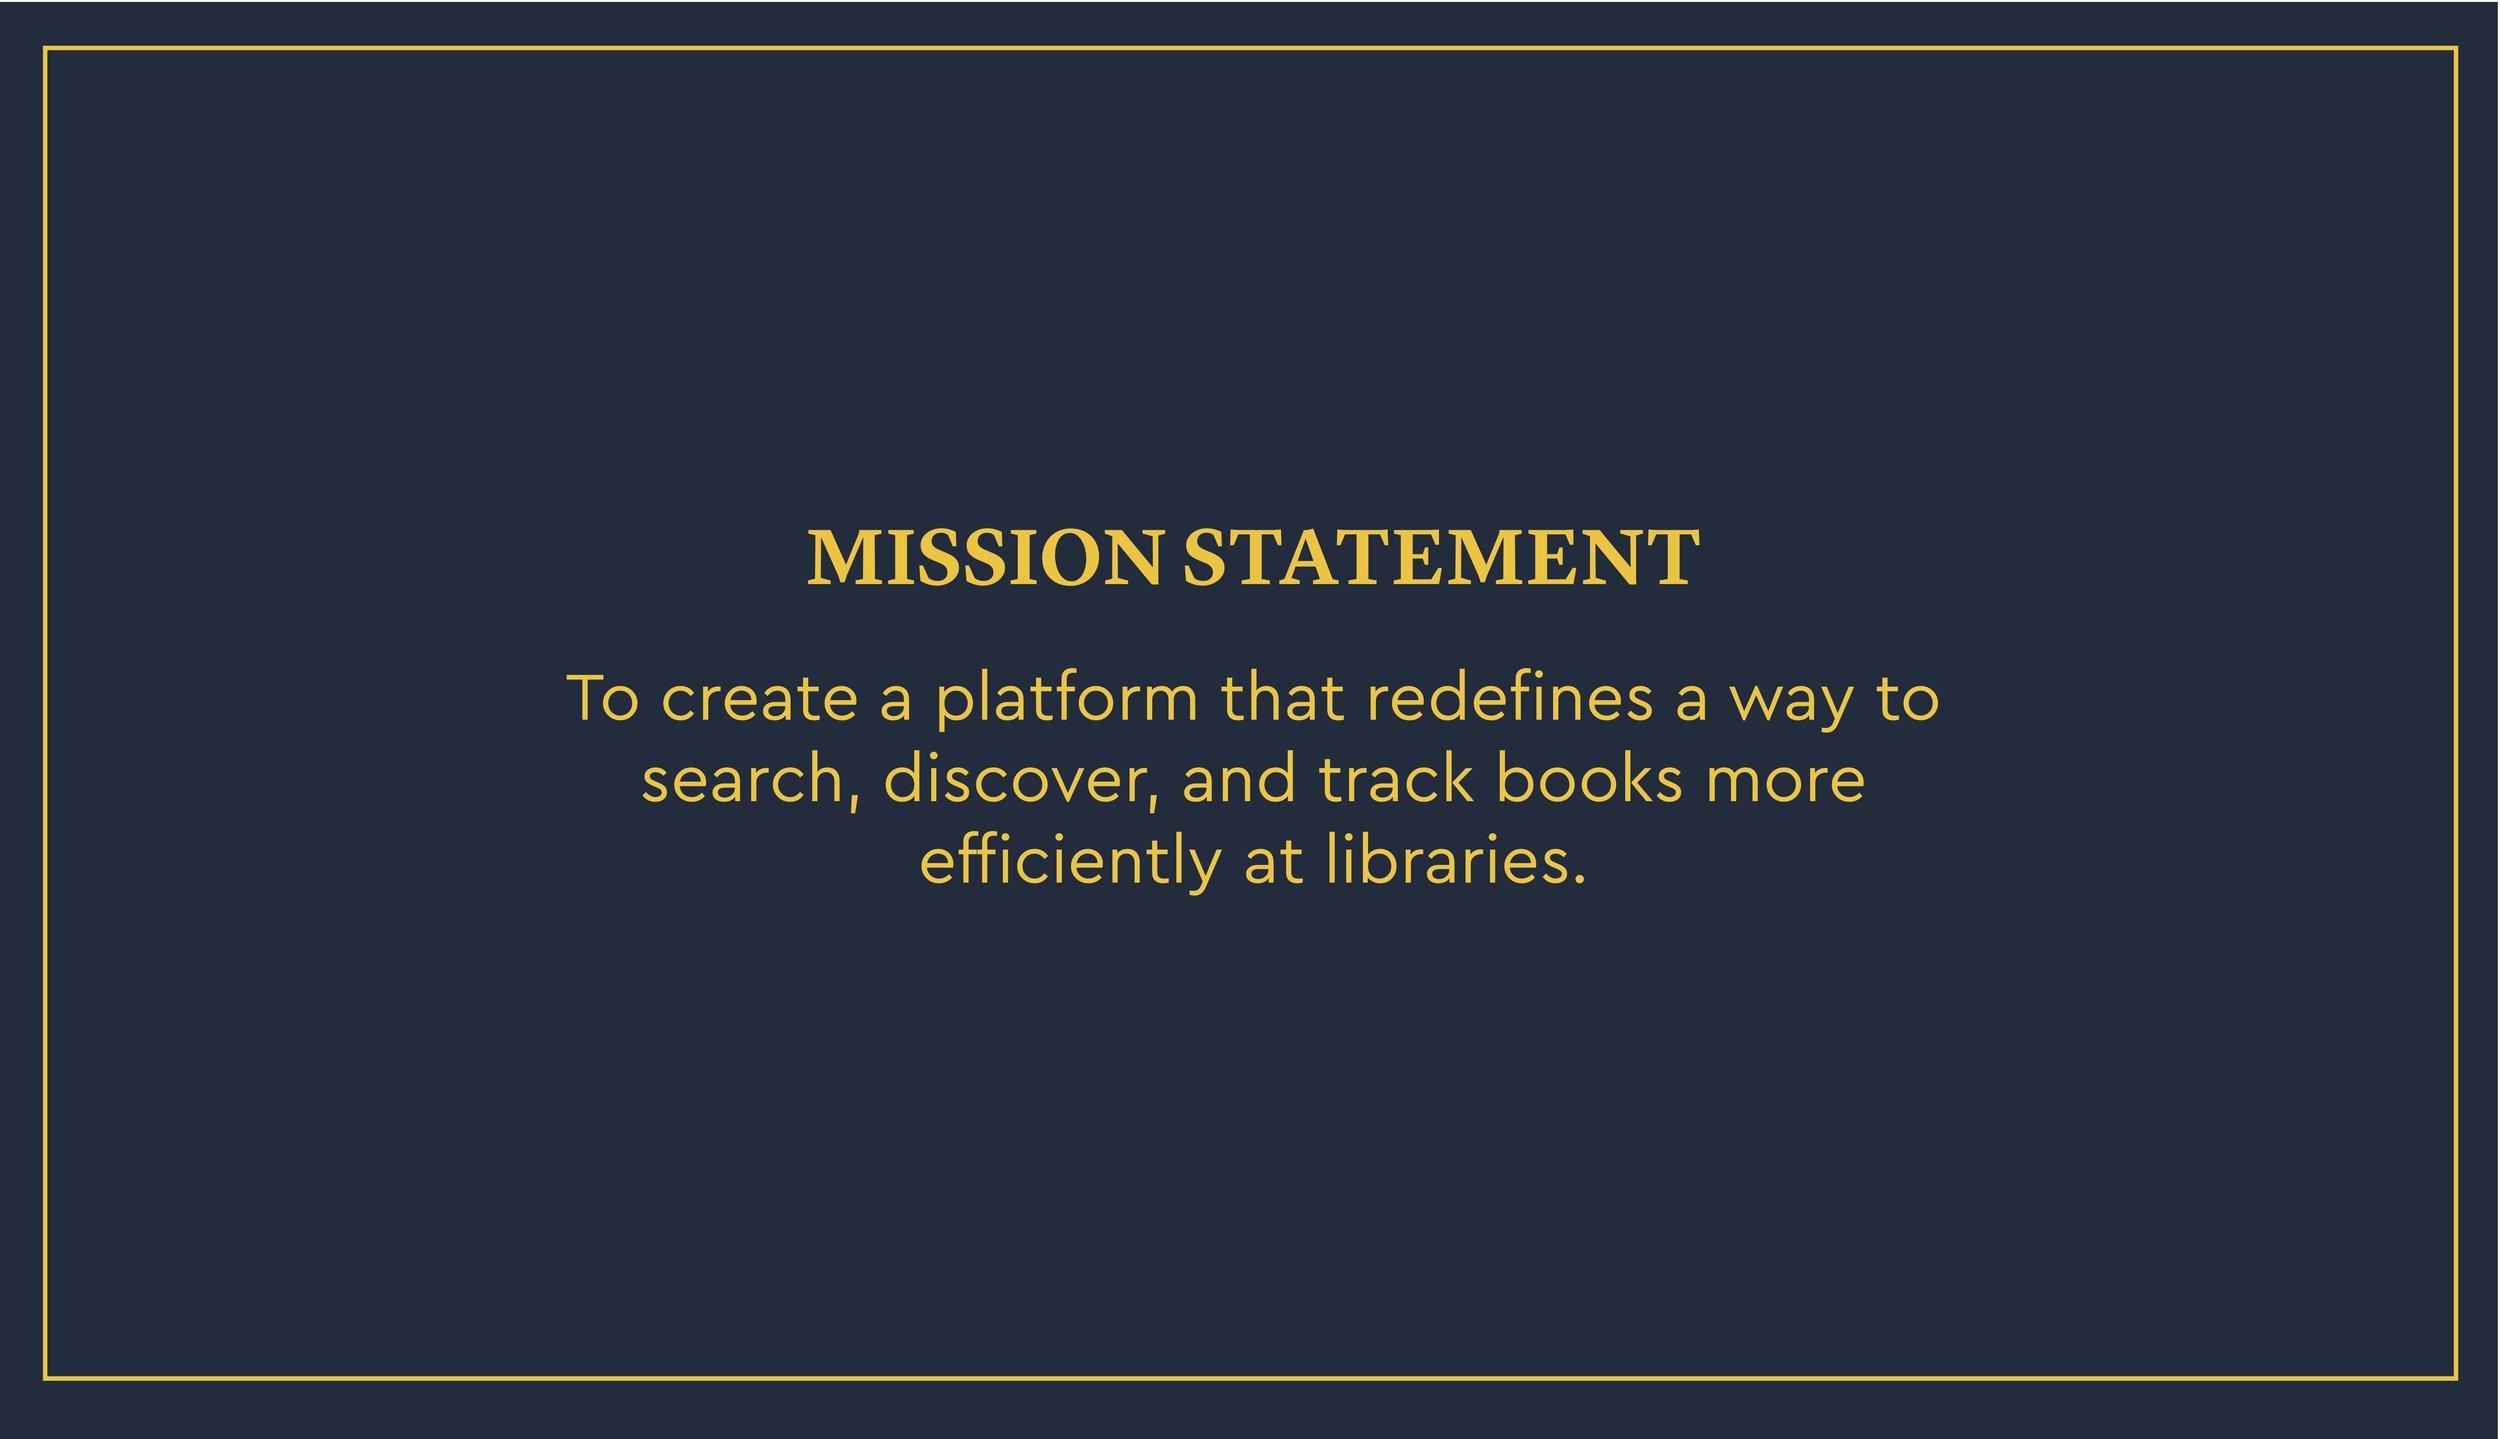 FINDR_MISSION.jpg